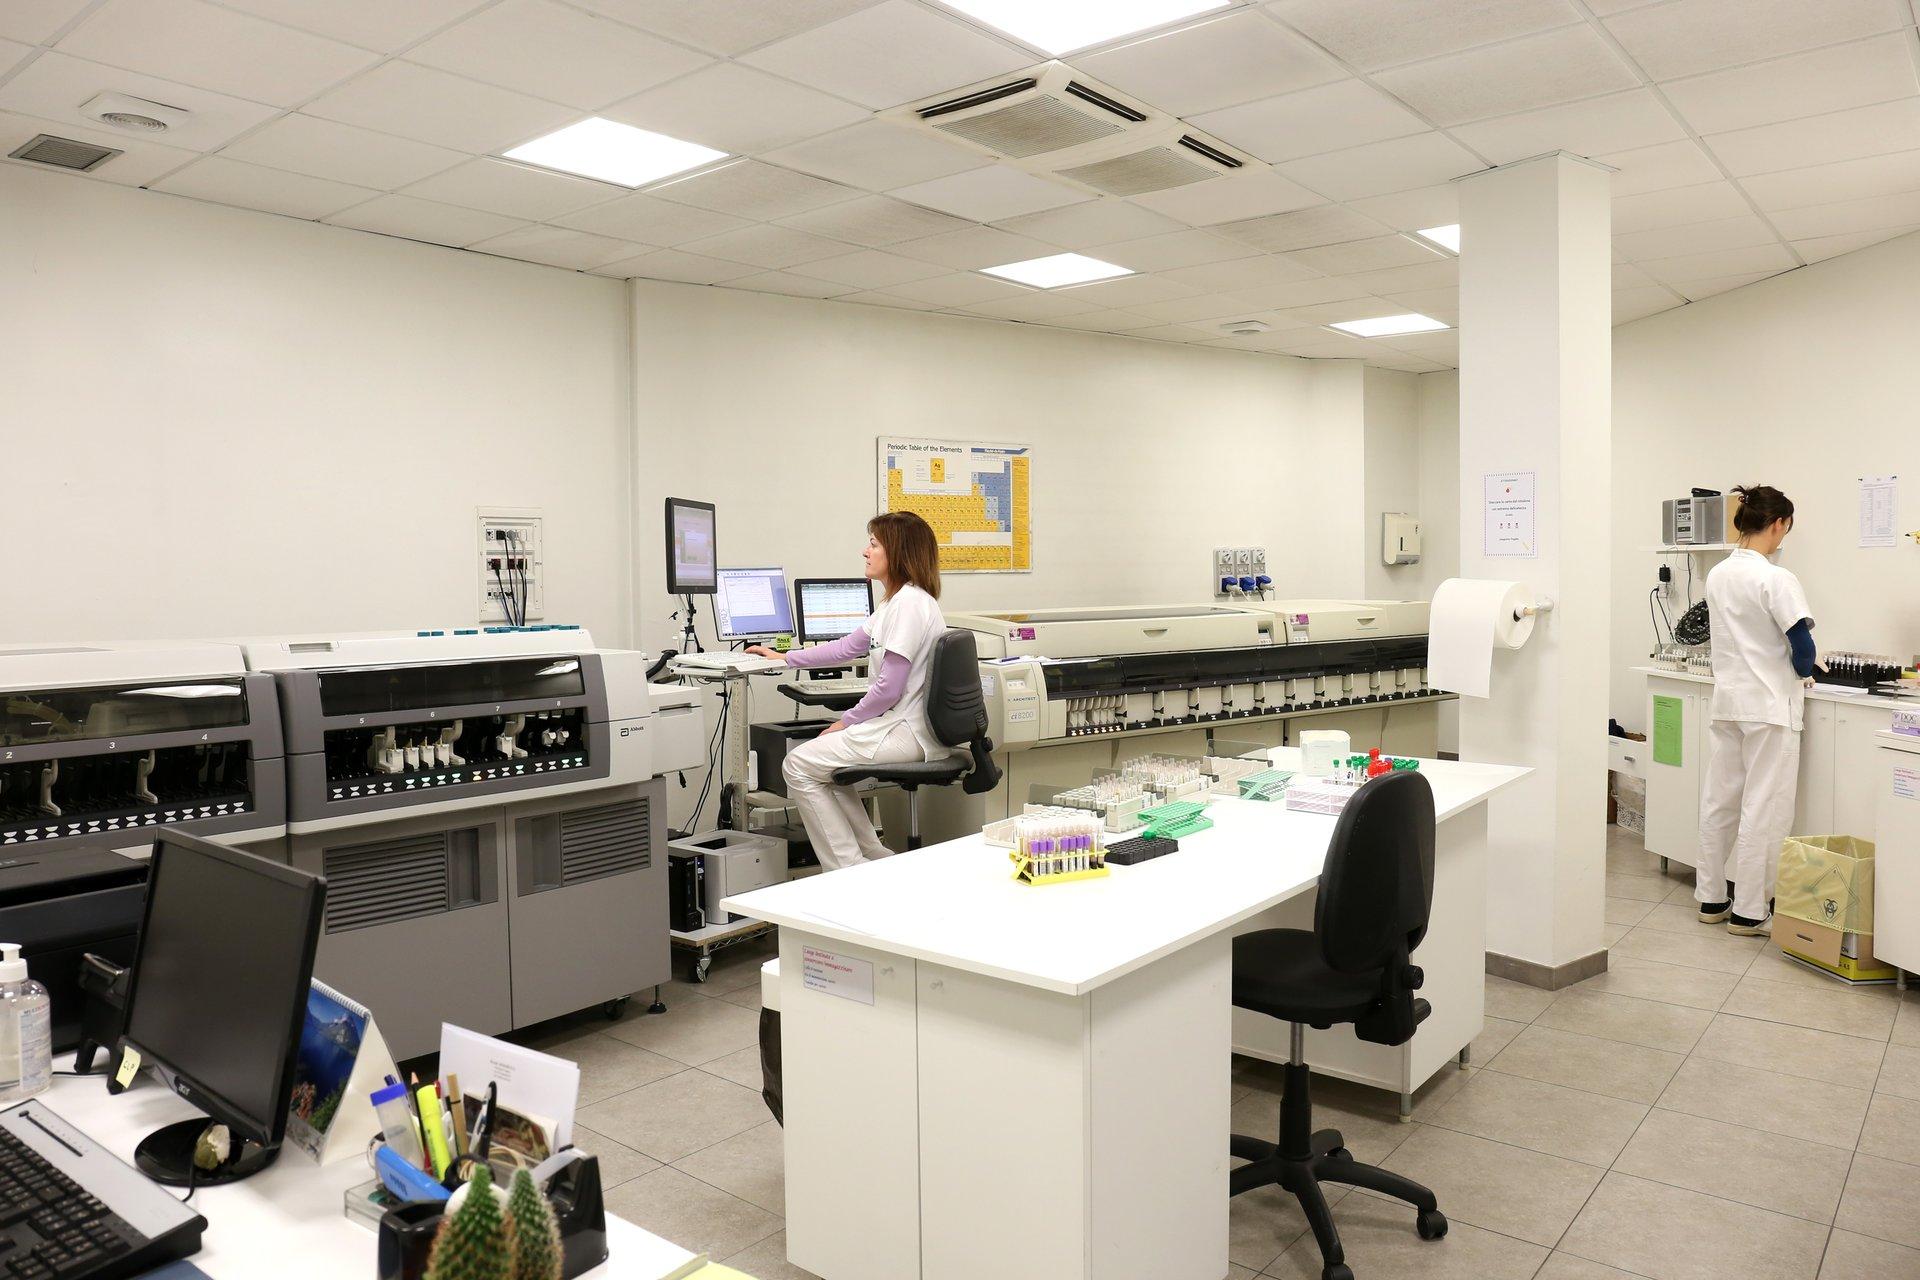 Un medico specialista usa una macchina del laboratorio di analisi cliniche